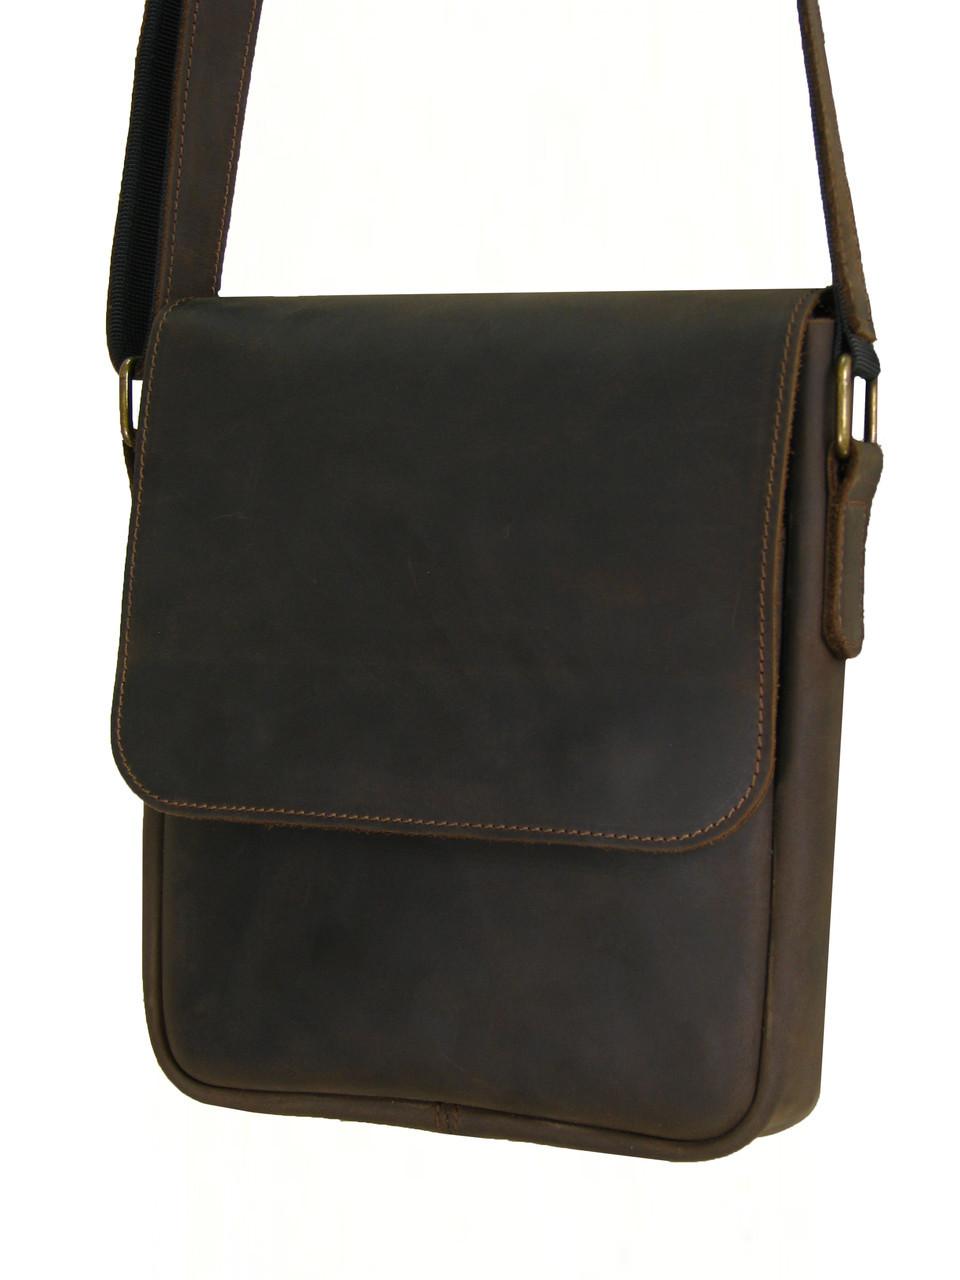 Мужская кожаная сумка через плечо GS коричневая